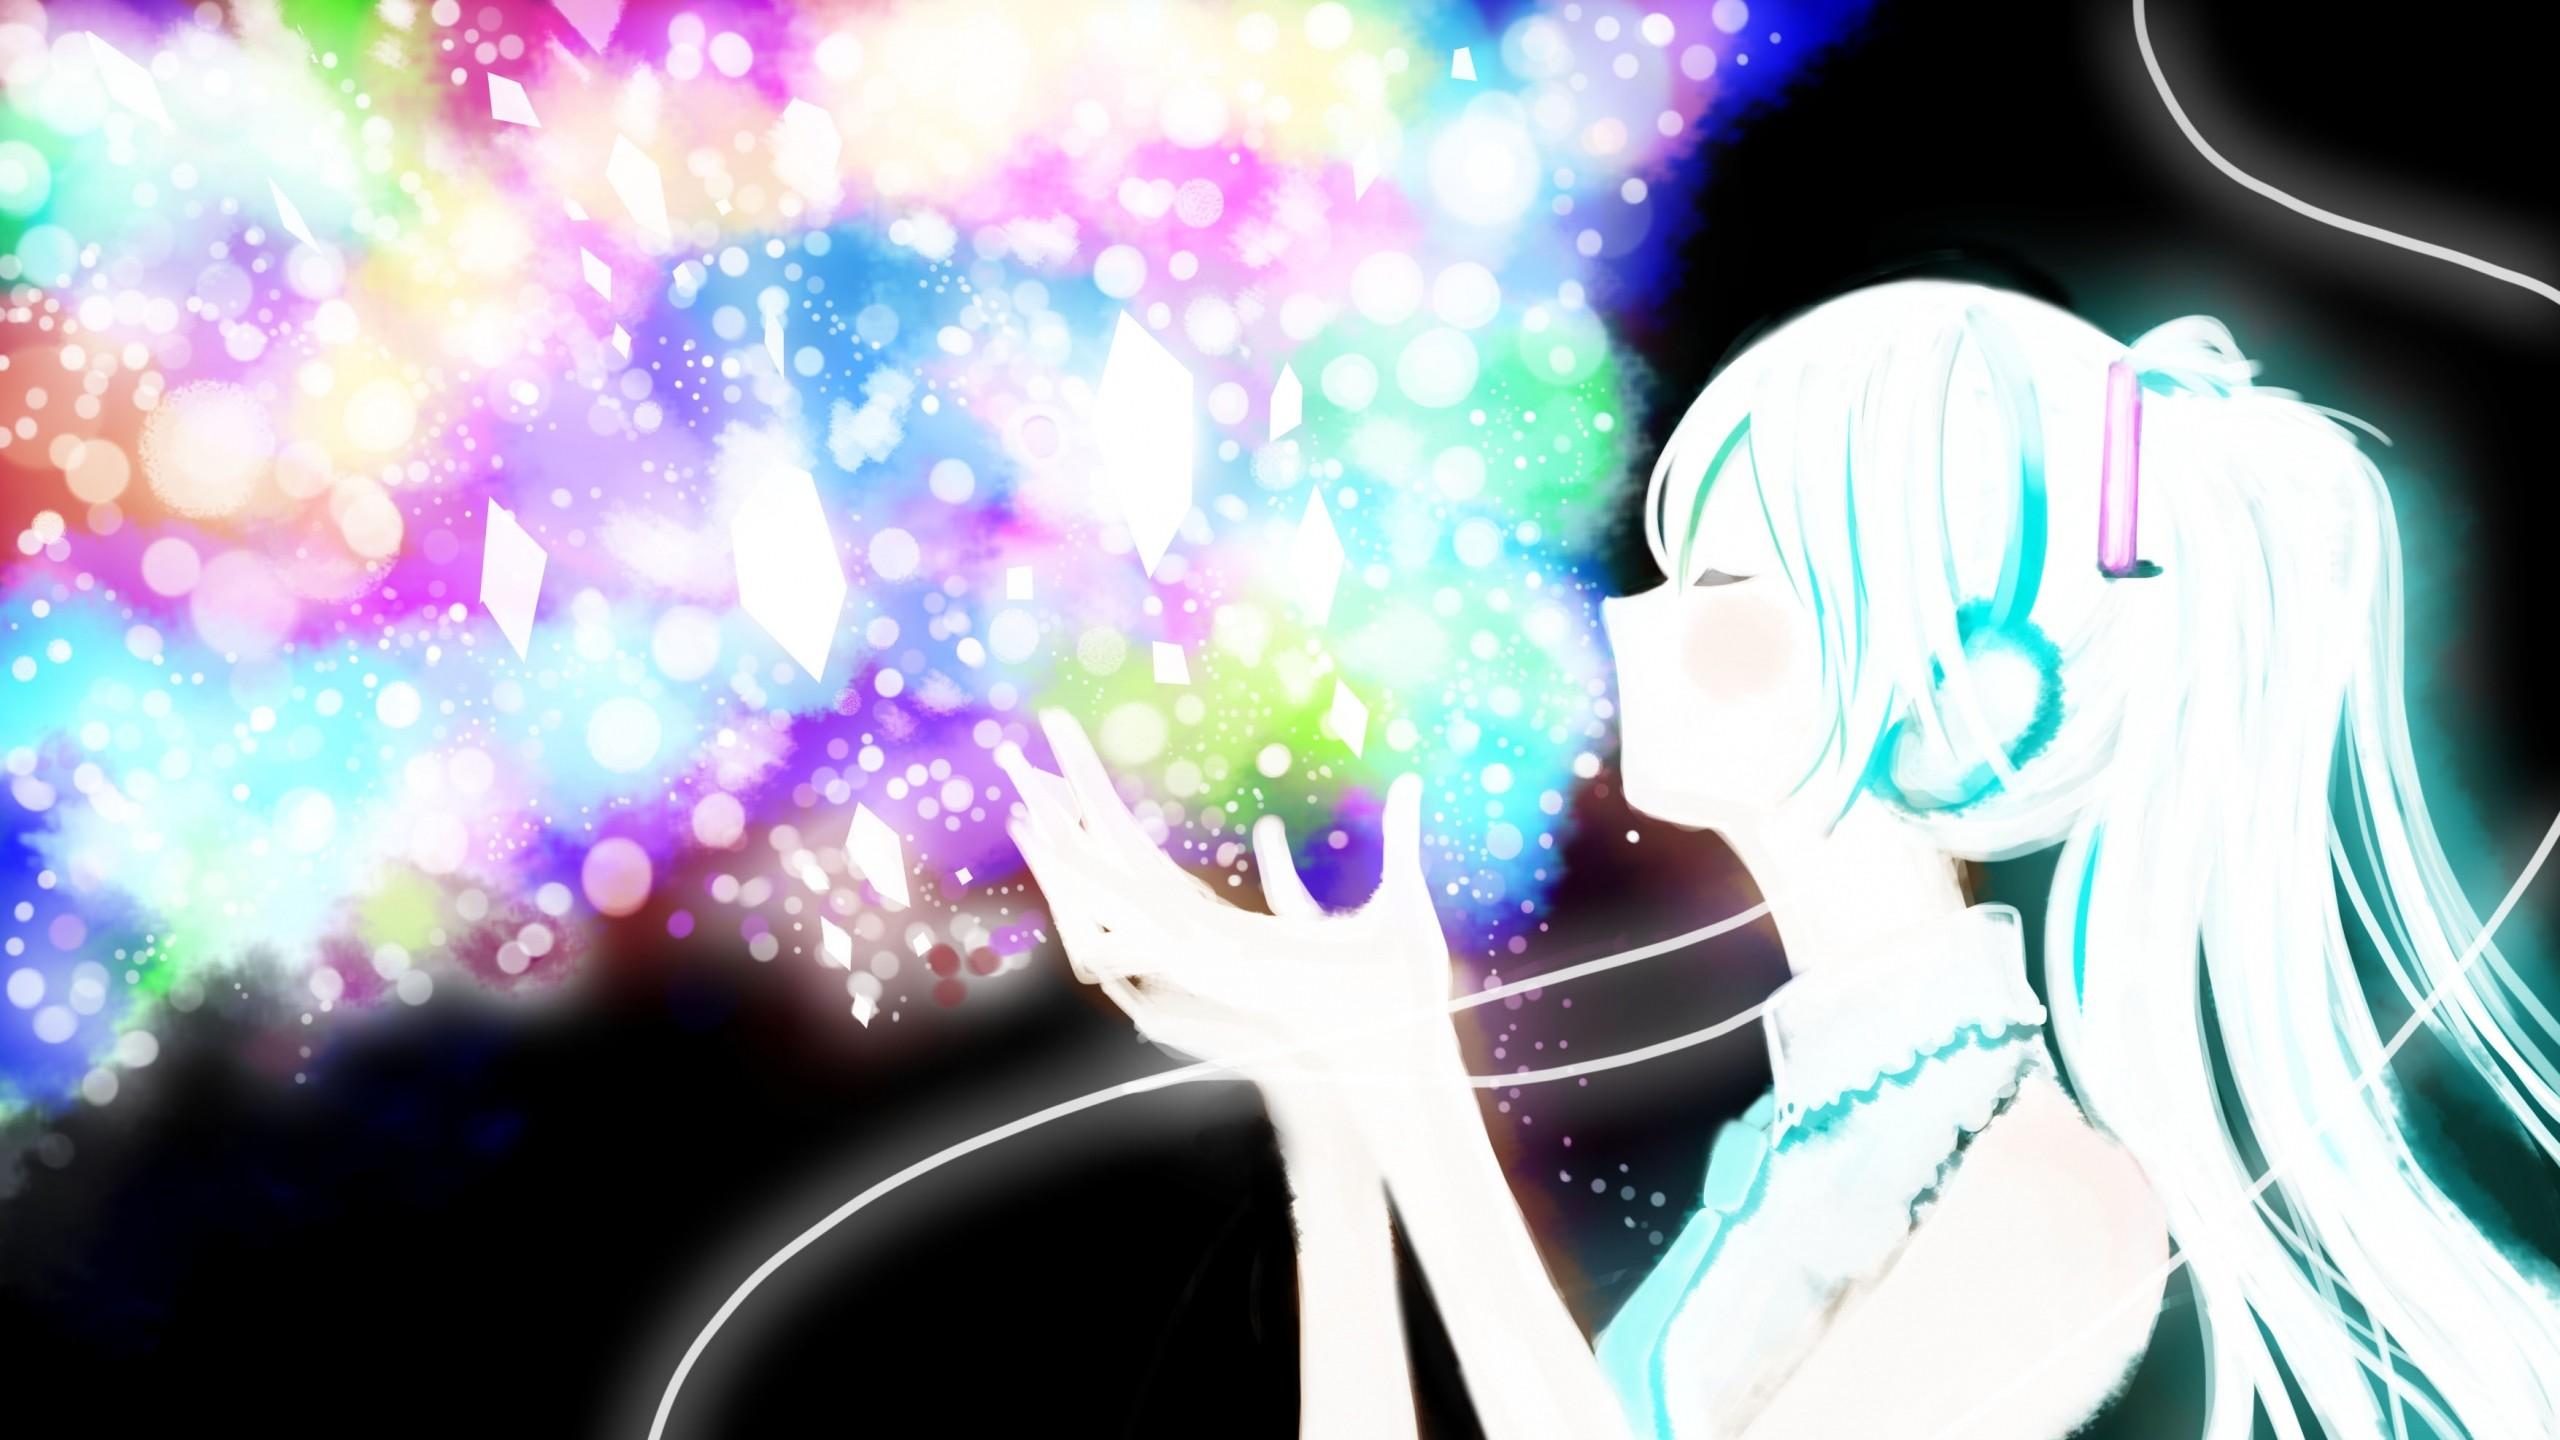 miku, Vocaloid, Anime, Girl, Glitter Wallpaper, Background Mac .